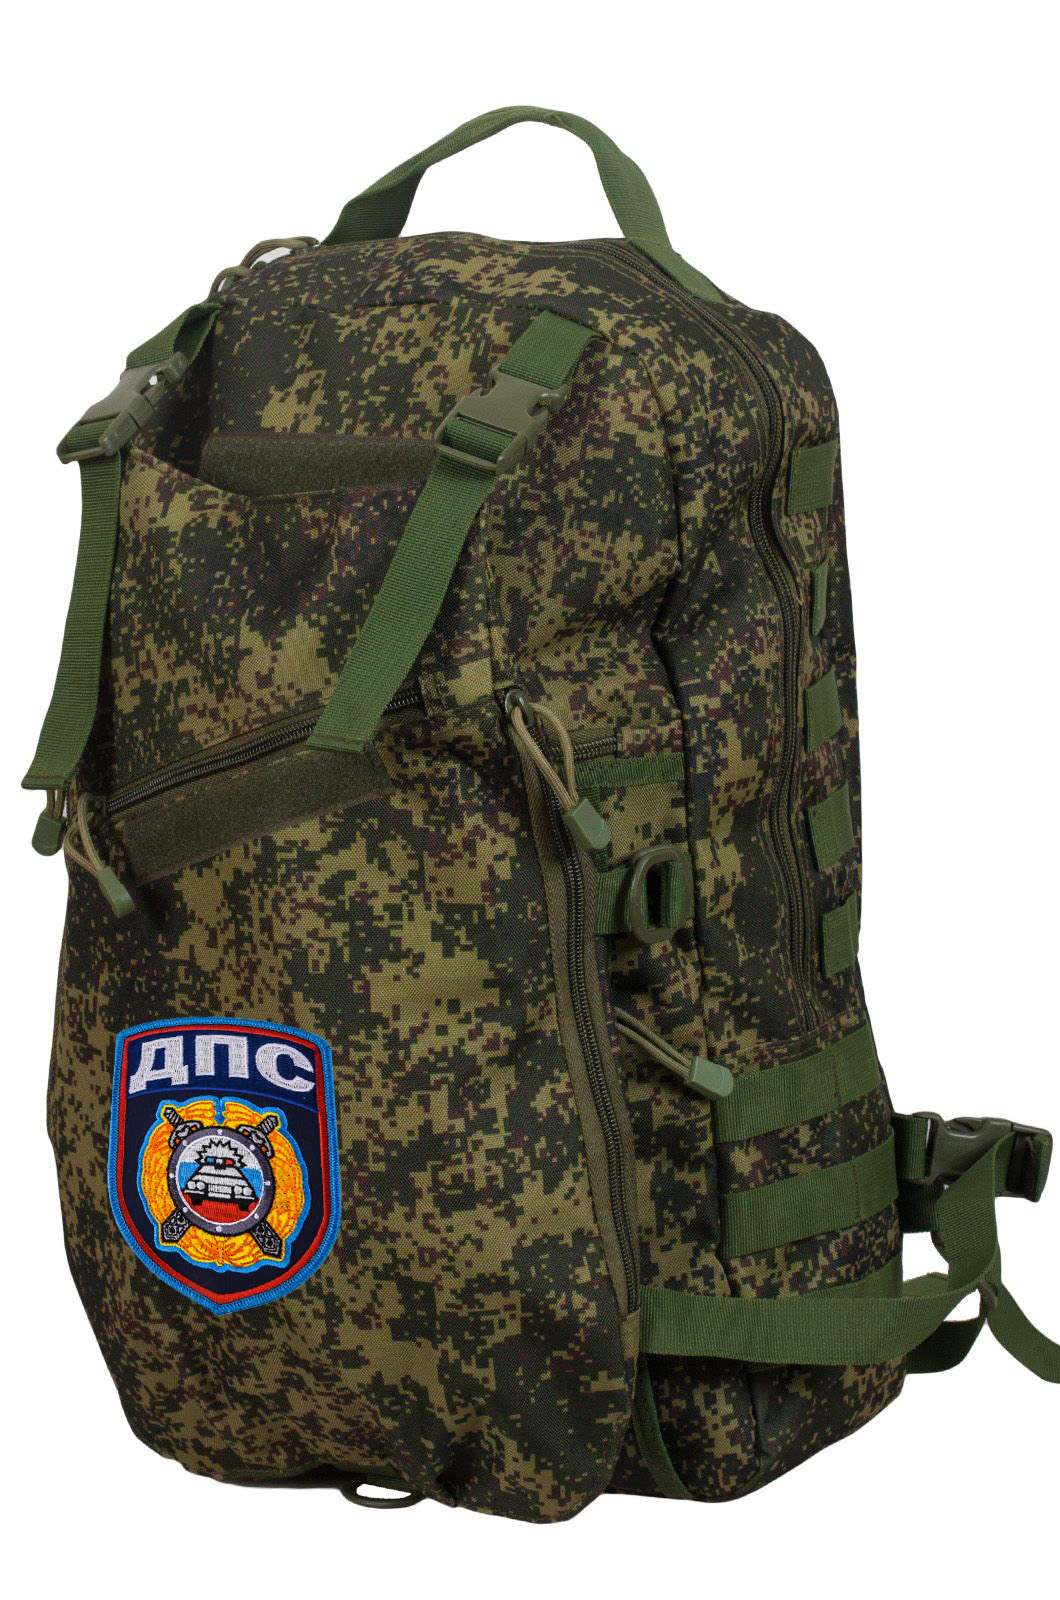 Рейдовый армейский рюкзак с нашивкой ДПС - заказать оптом